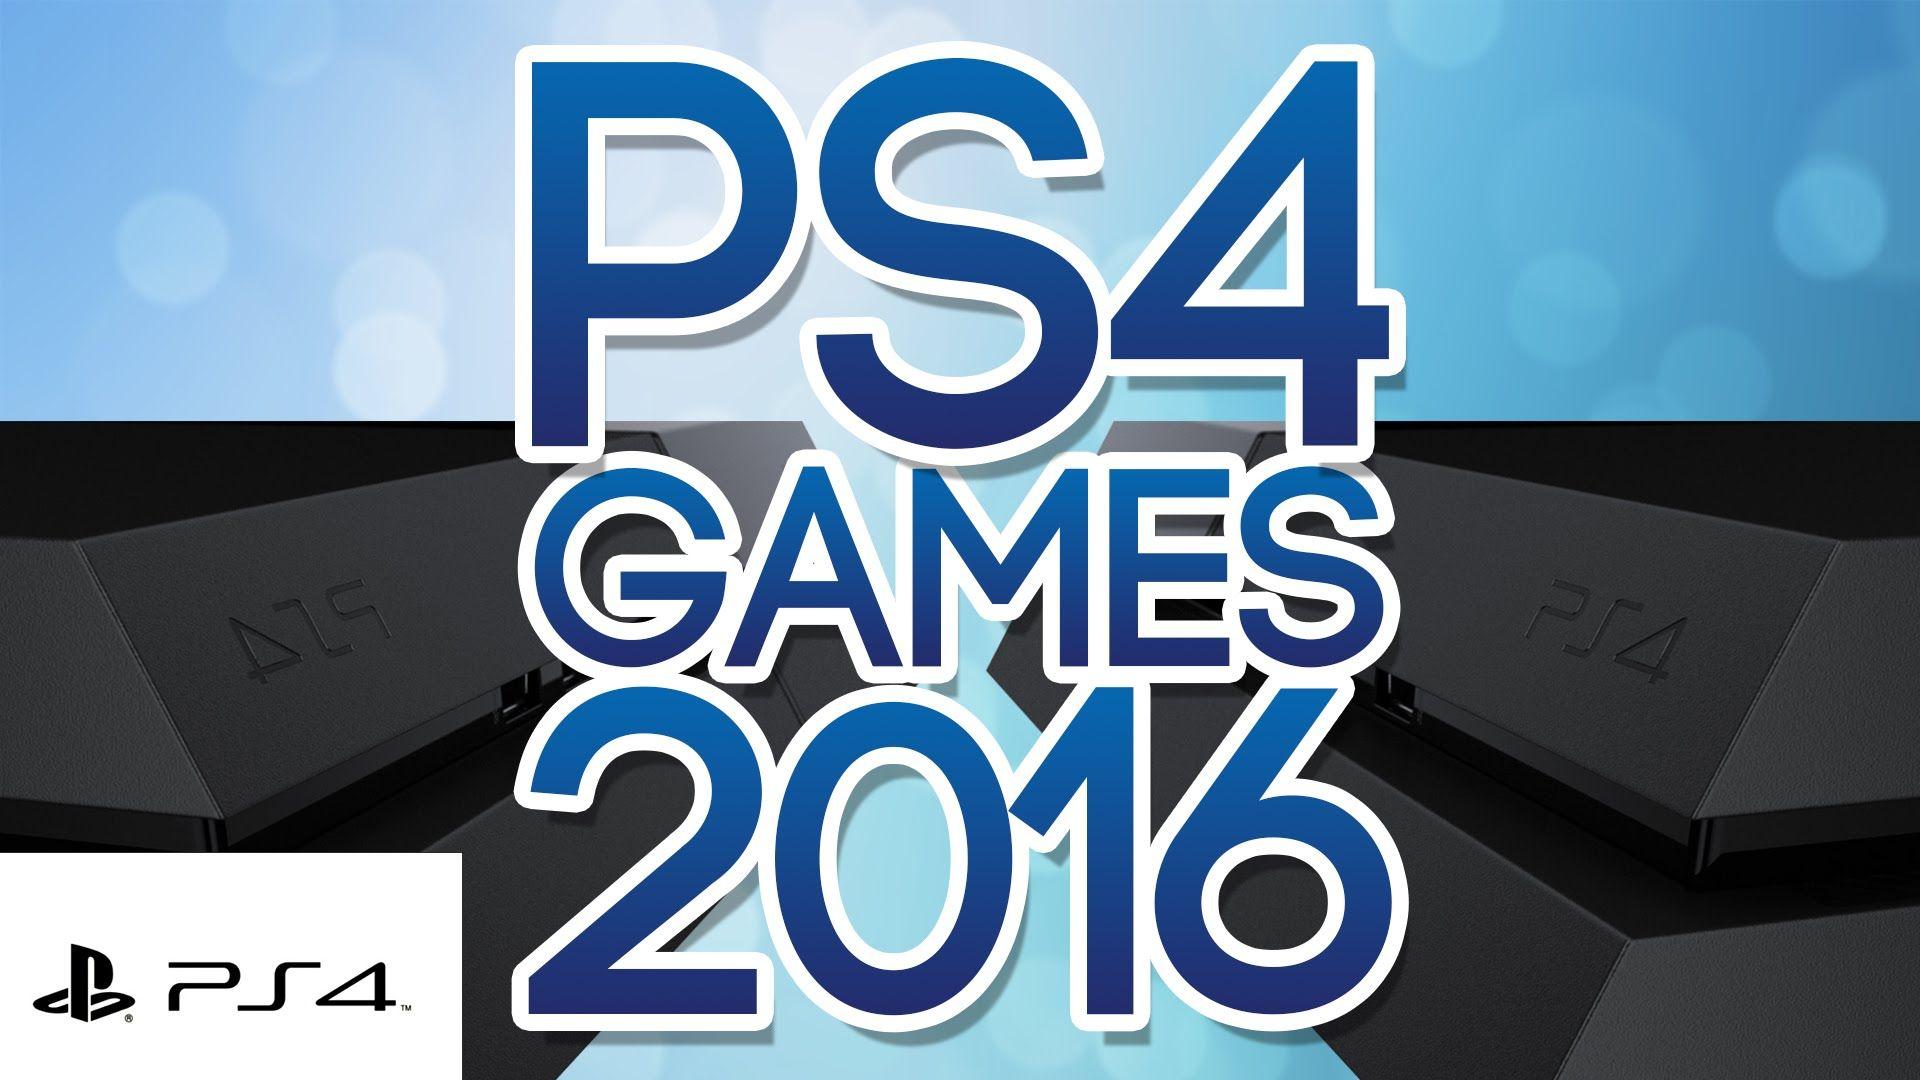 Pin by Christina Citsay on PS4 GAMING Ps4 games, Games, Ps4